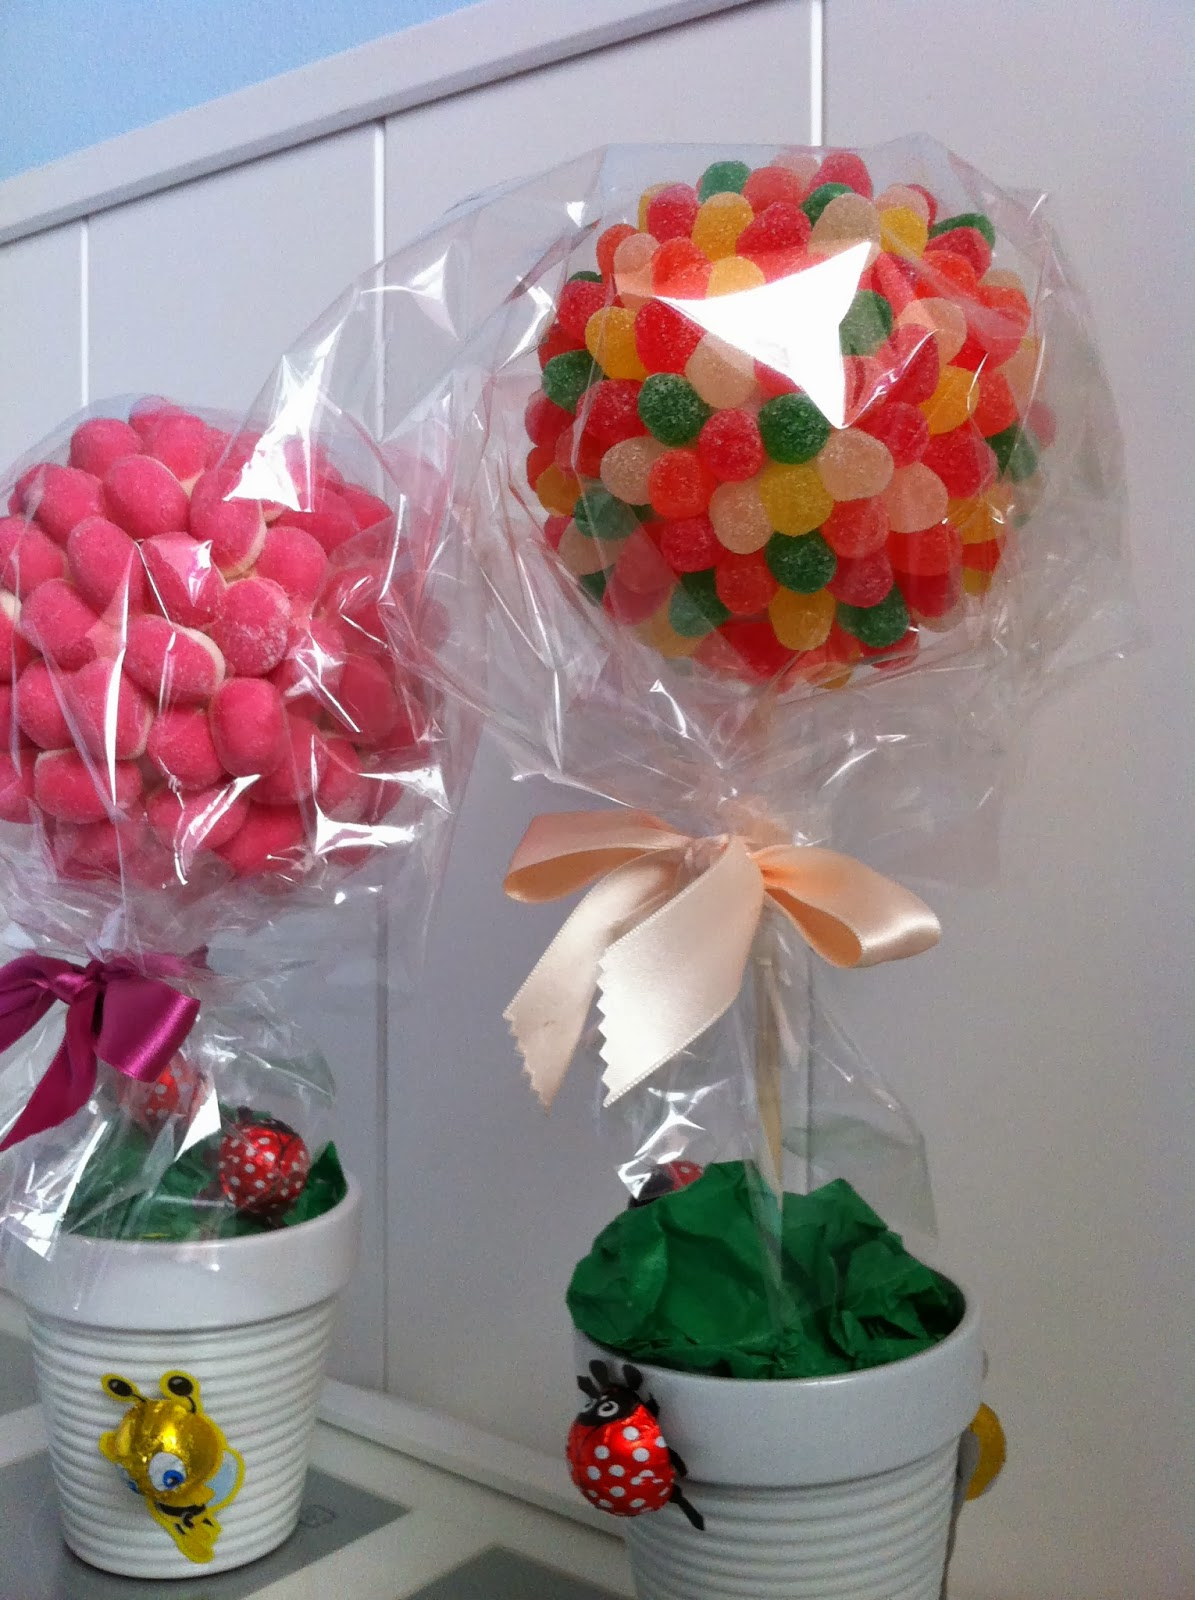 Arboles de chuches candy trees entre papeles y galletas - Arboles de navidad de chuches ...